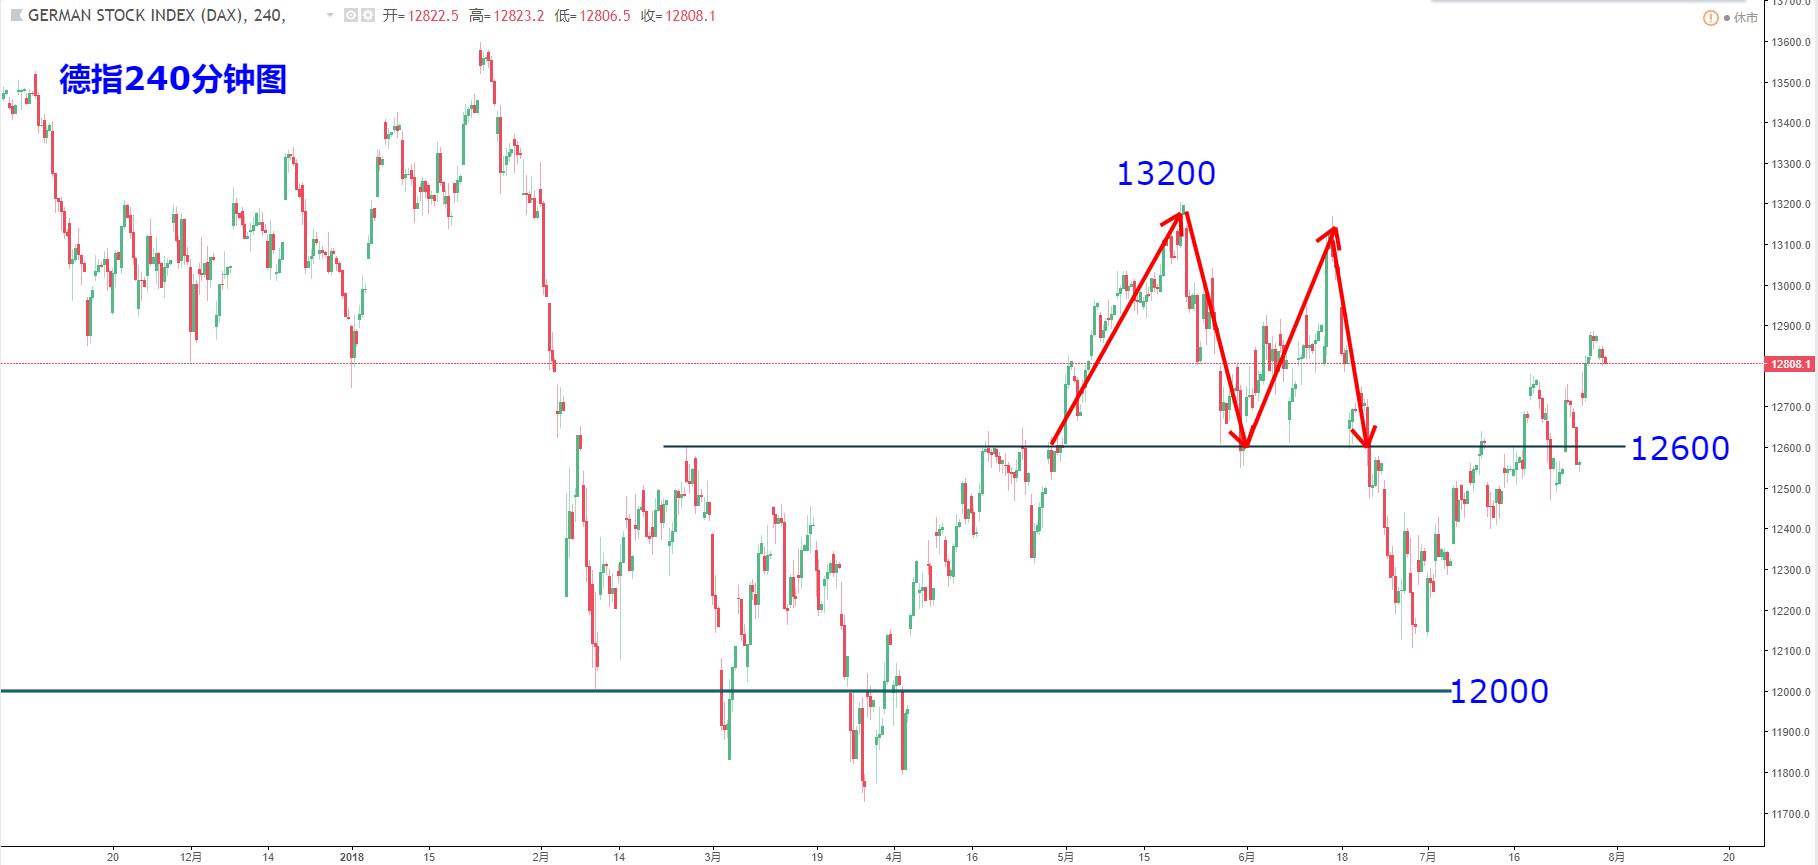 欧洲股指:德指DAX、富时100、法国CAC、斯托克50走势分析(7月31日)